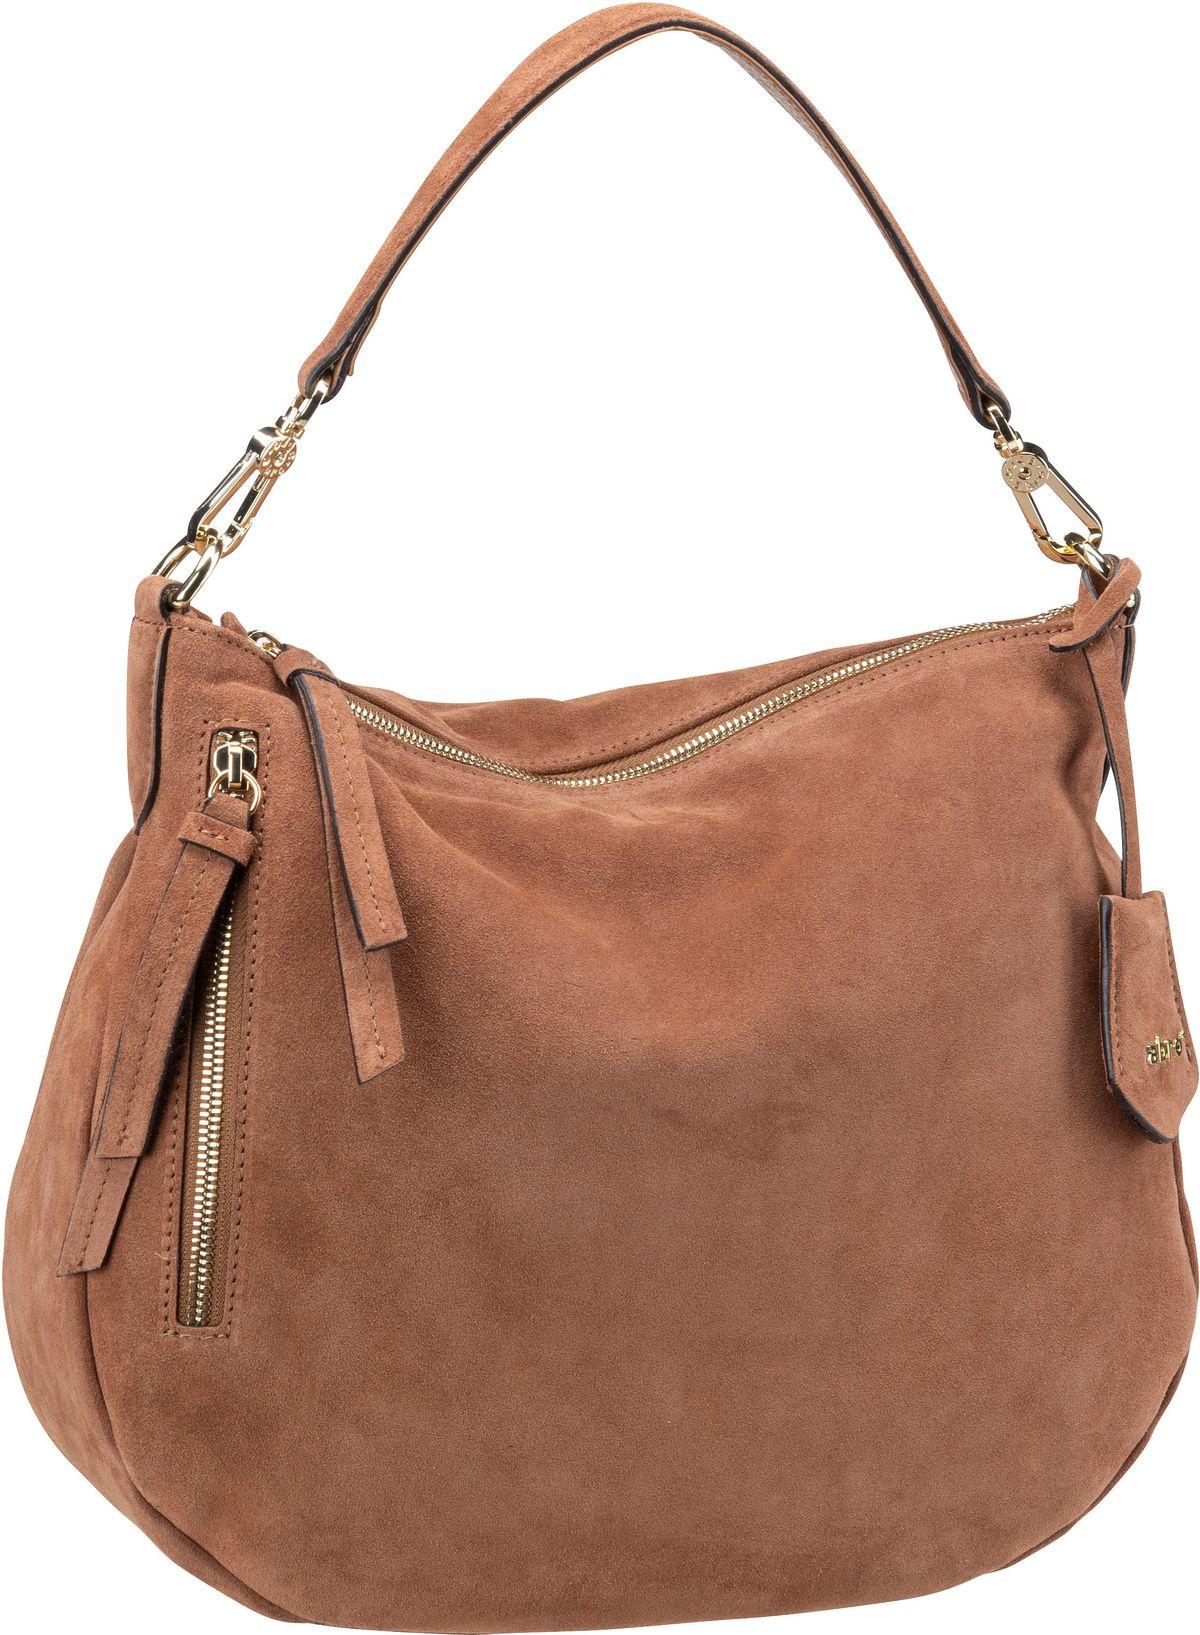 Handtasche Juna 28825 Suede Cognac